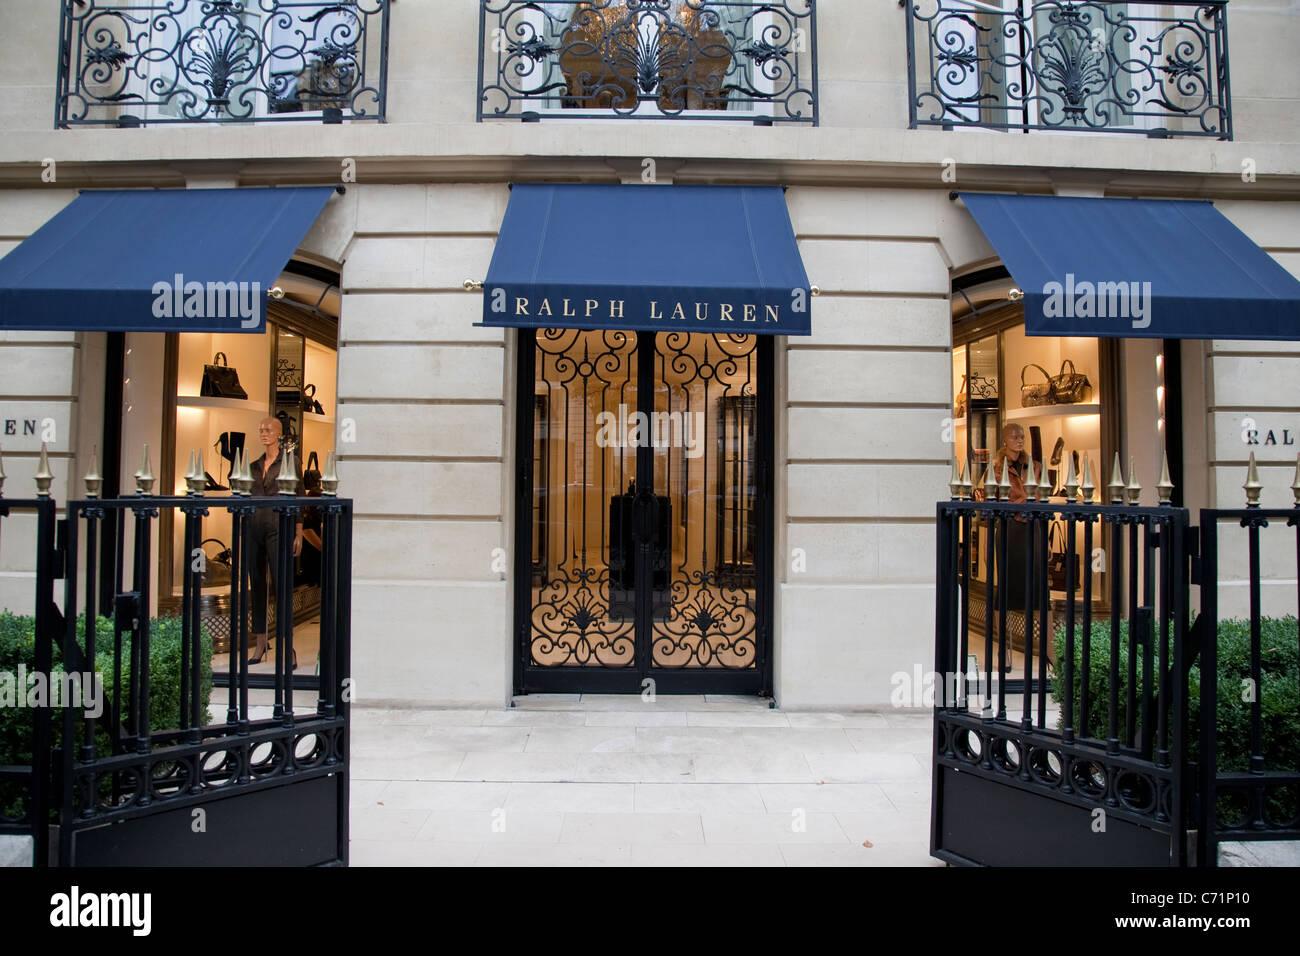 Ralph Lauren Shop on Avenue Montaigne, Paris Stock Photo, Royalty ...